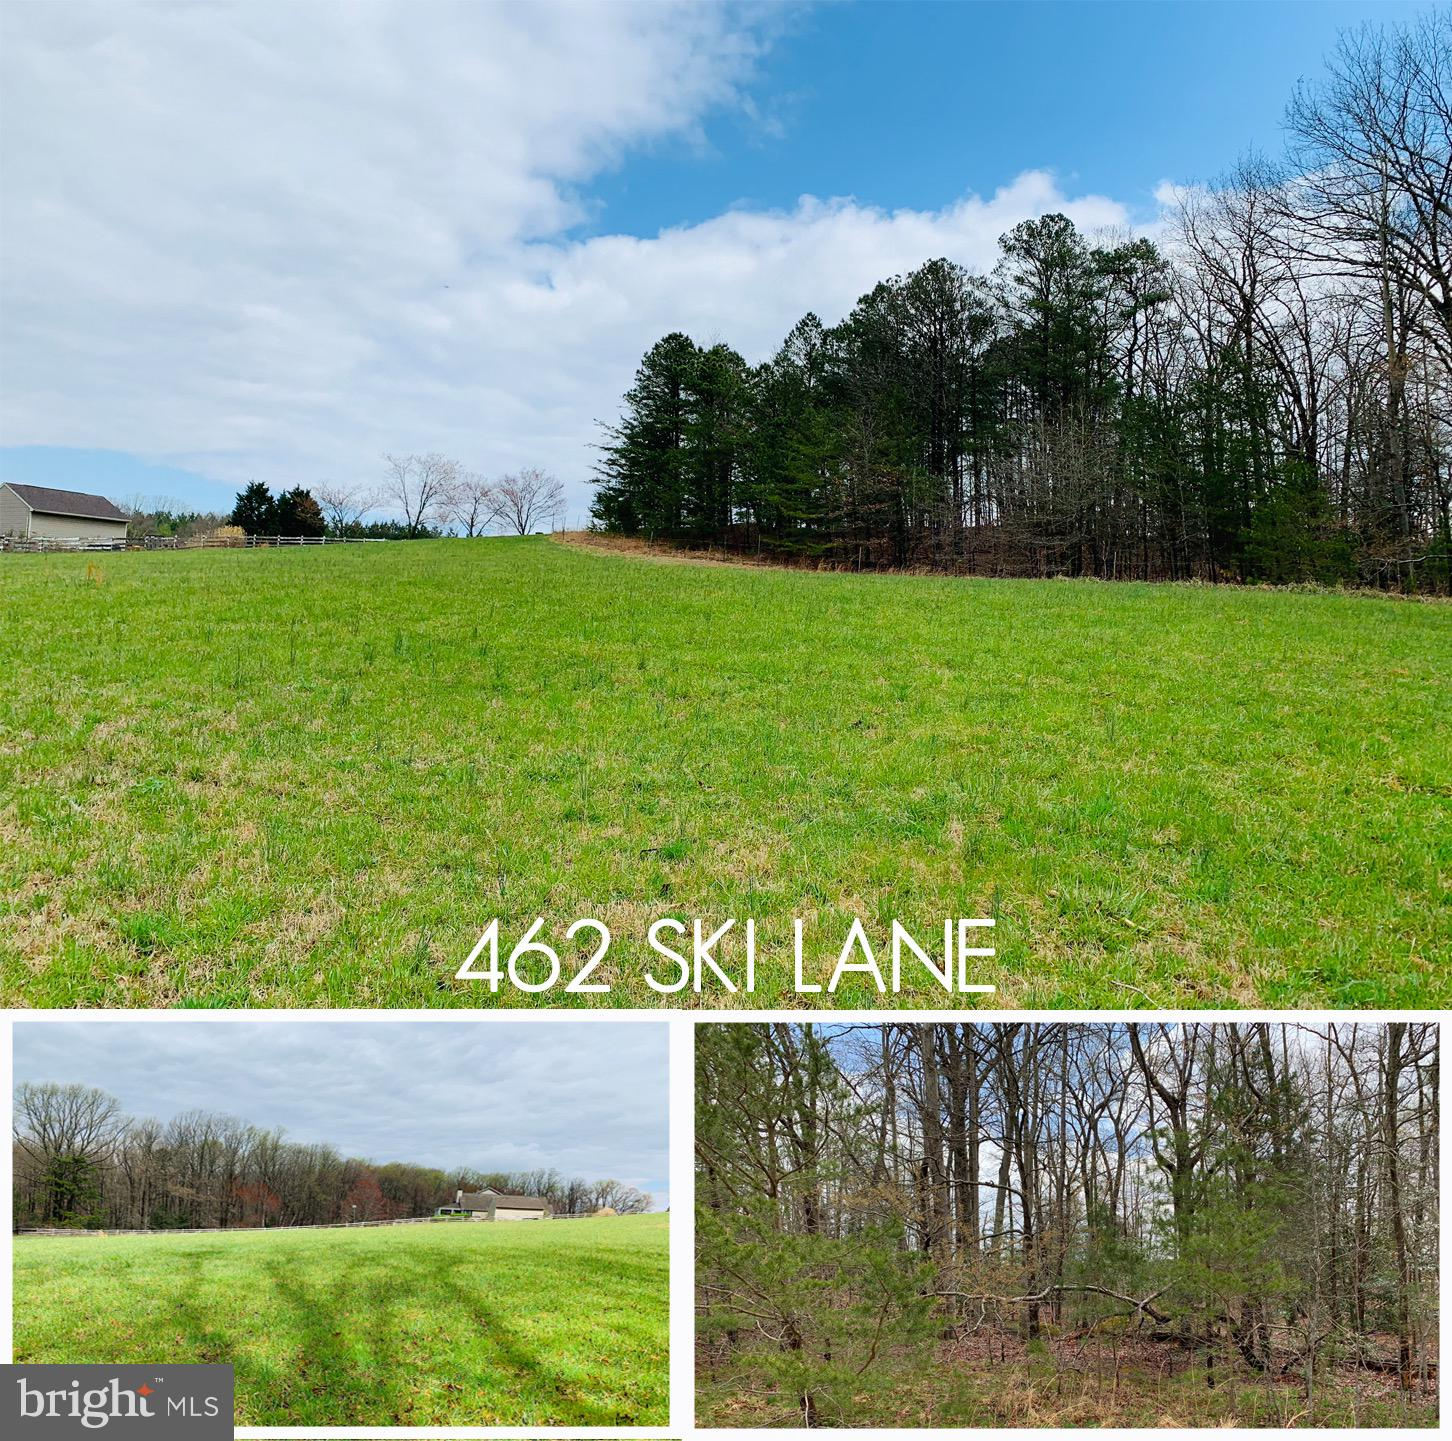 462 SKI LANE, MILLERSVILLE, Maryland 21108, ,Lots And Land,For Sale,462 SKI LANE,MDAA463916